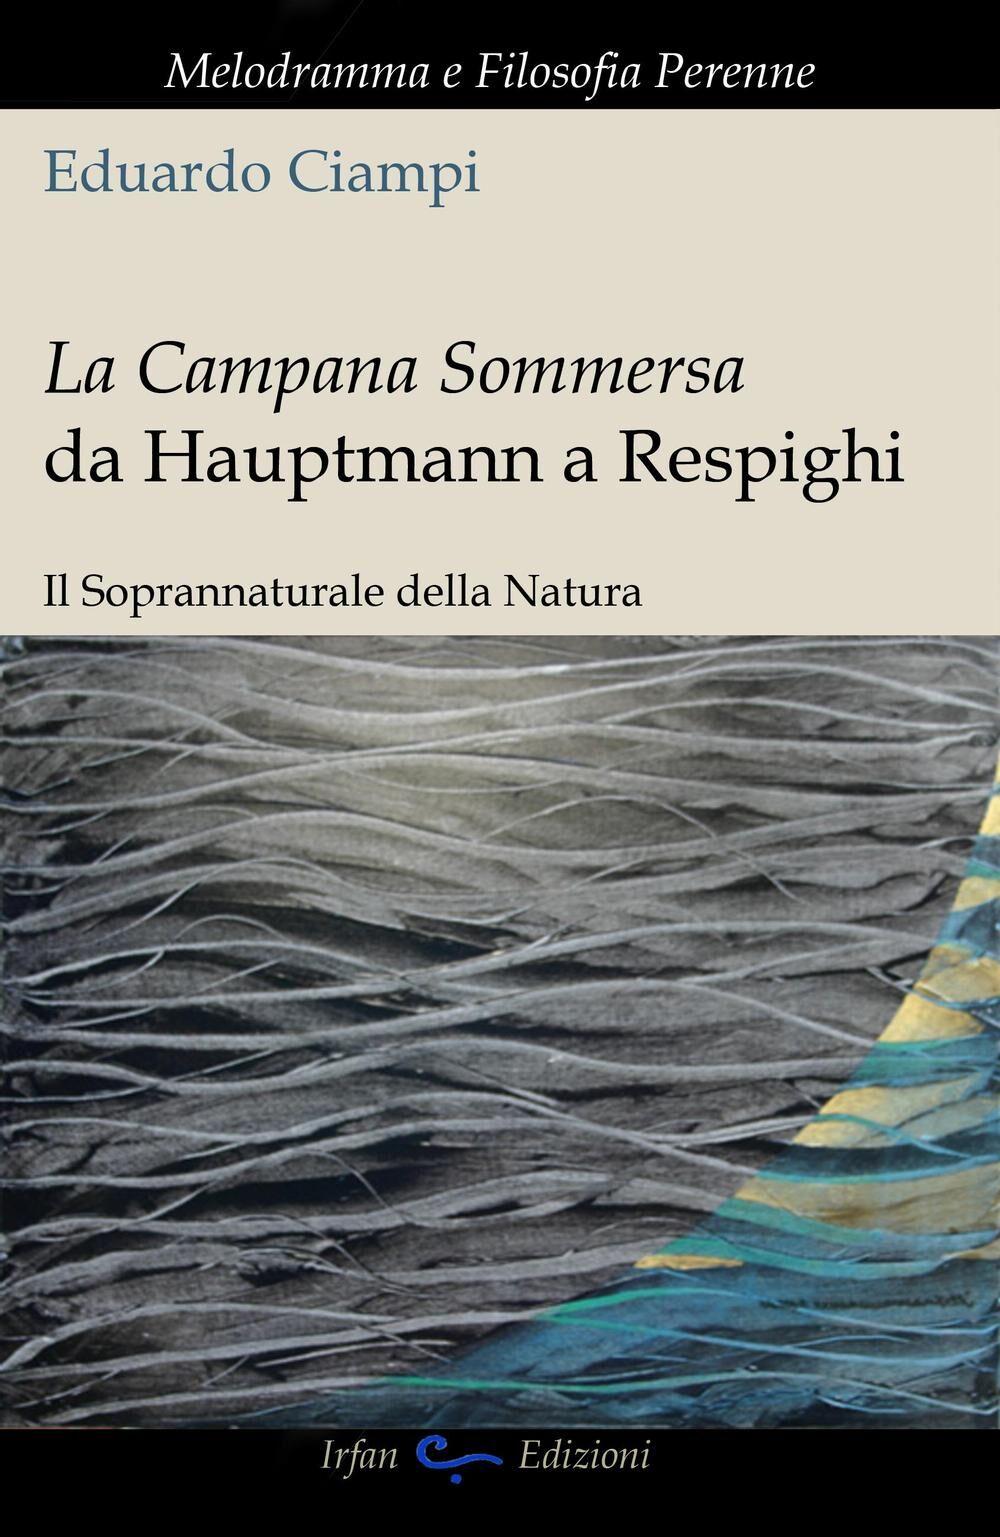 La campana sommersa da Hauptmann a Respighi. Il soprannaturale della natura